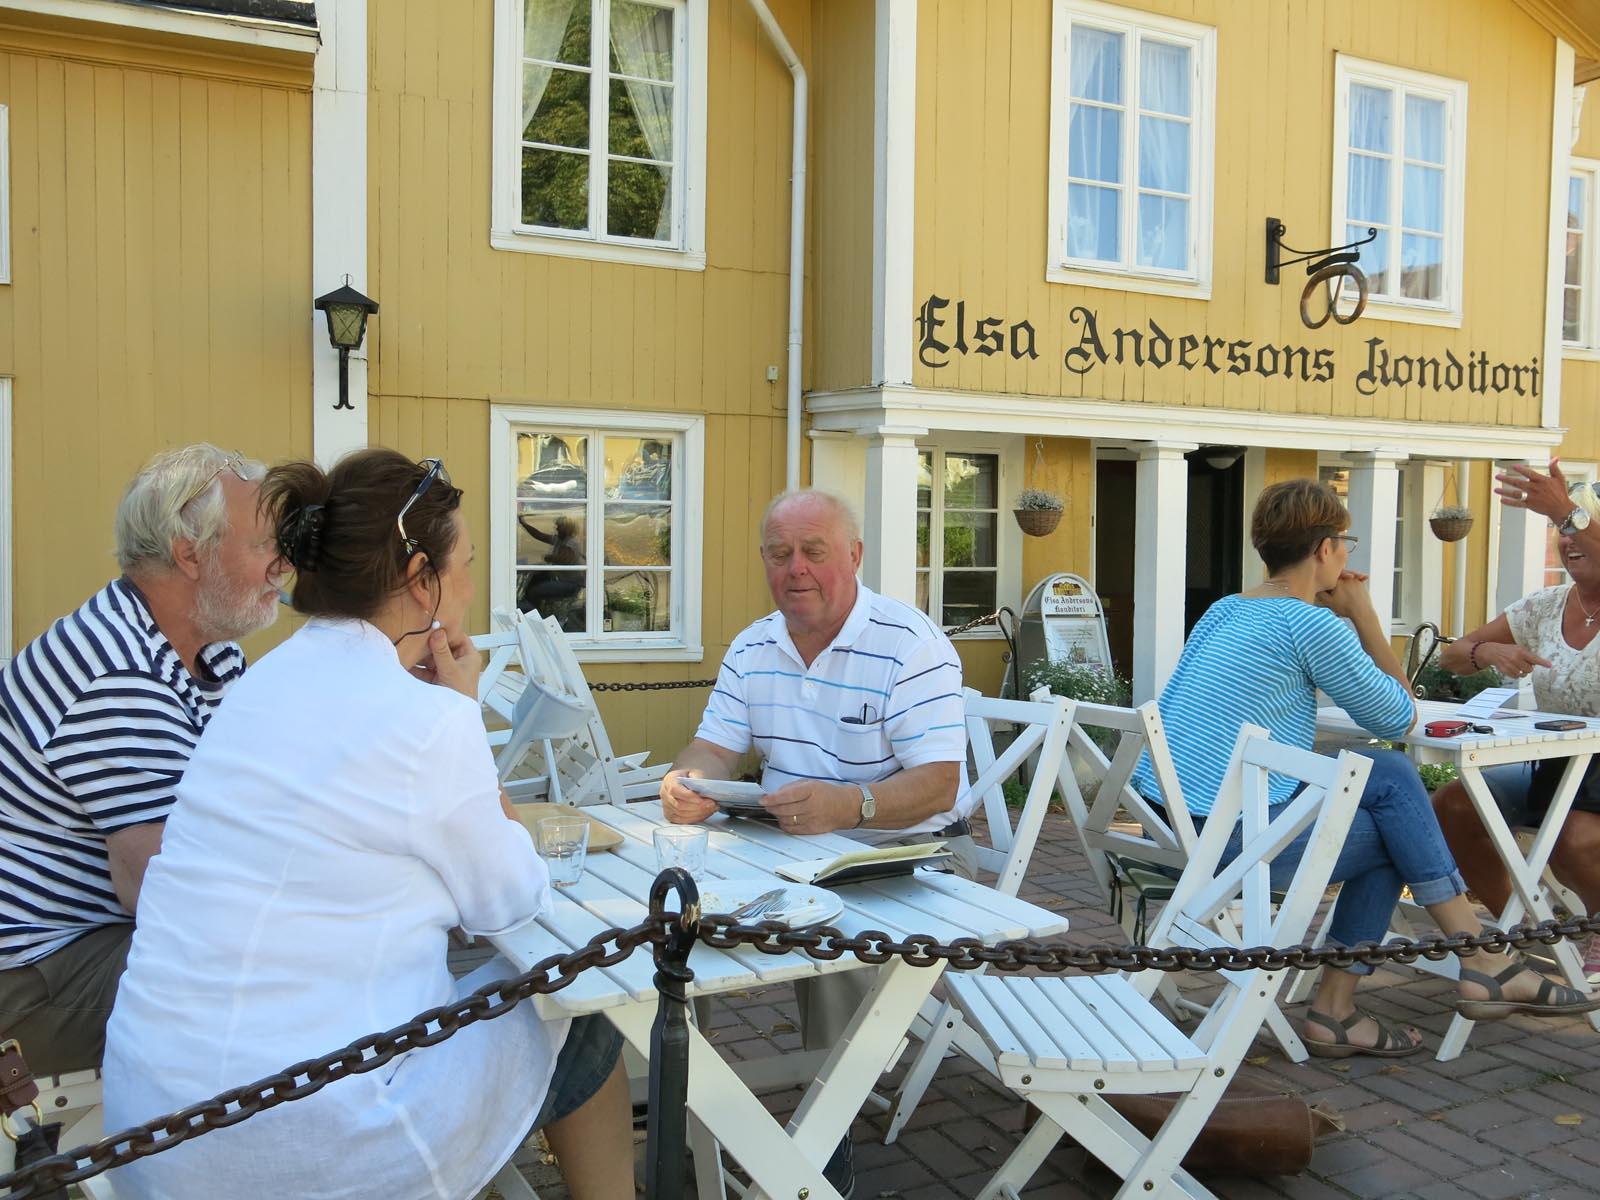 En pratstund med Sven Olof Pettersson, ordförande i Norbergs hembygdsförening.